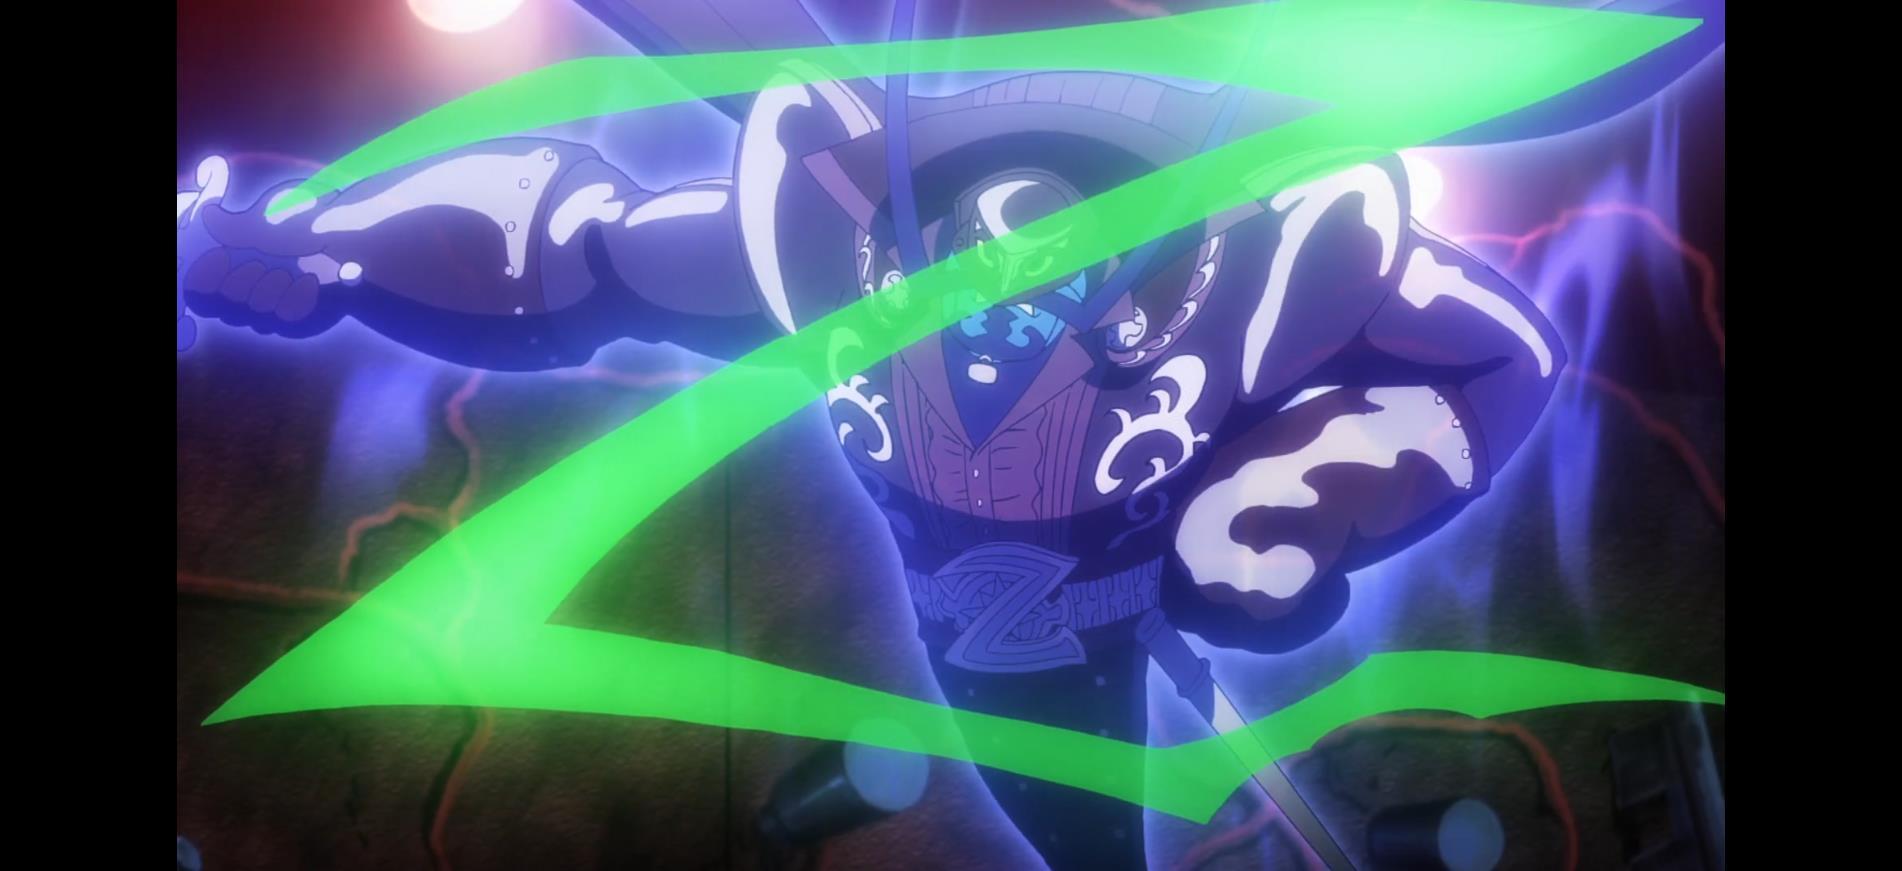 [2.0] Caméos et clins d'oeil dans les anime et mangas!  - Page 9 424506HorribleSubsPersona5THEDAYBREAKERS001080pmkvsnapshot181220160904102750